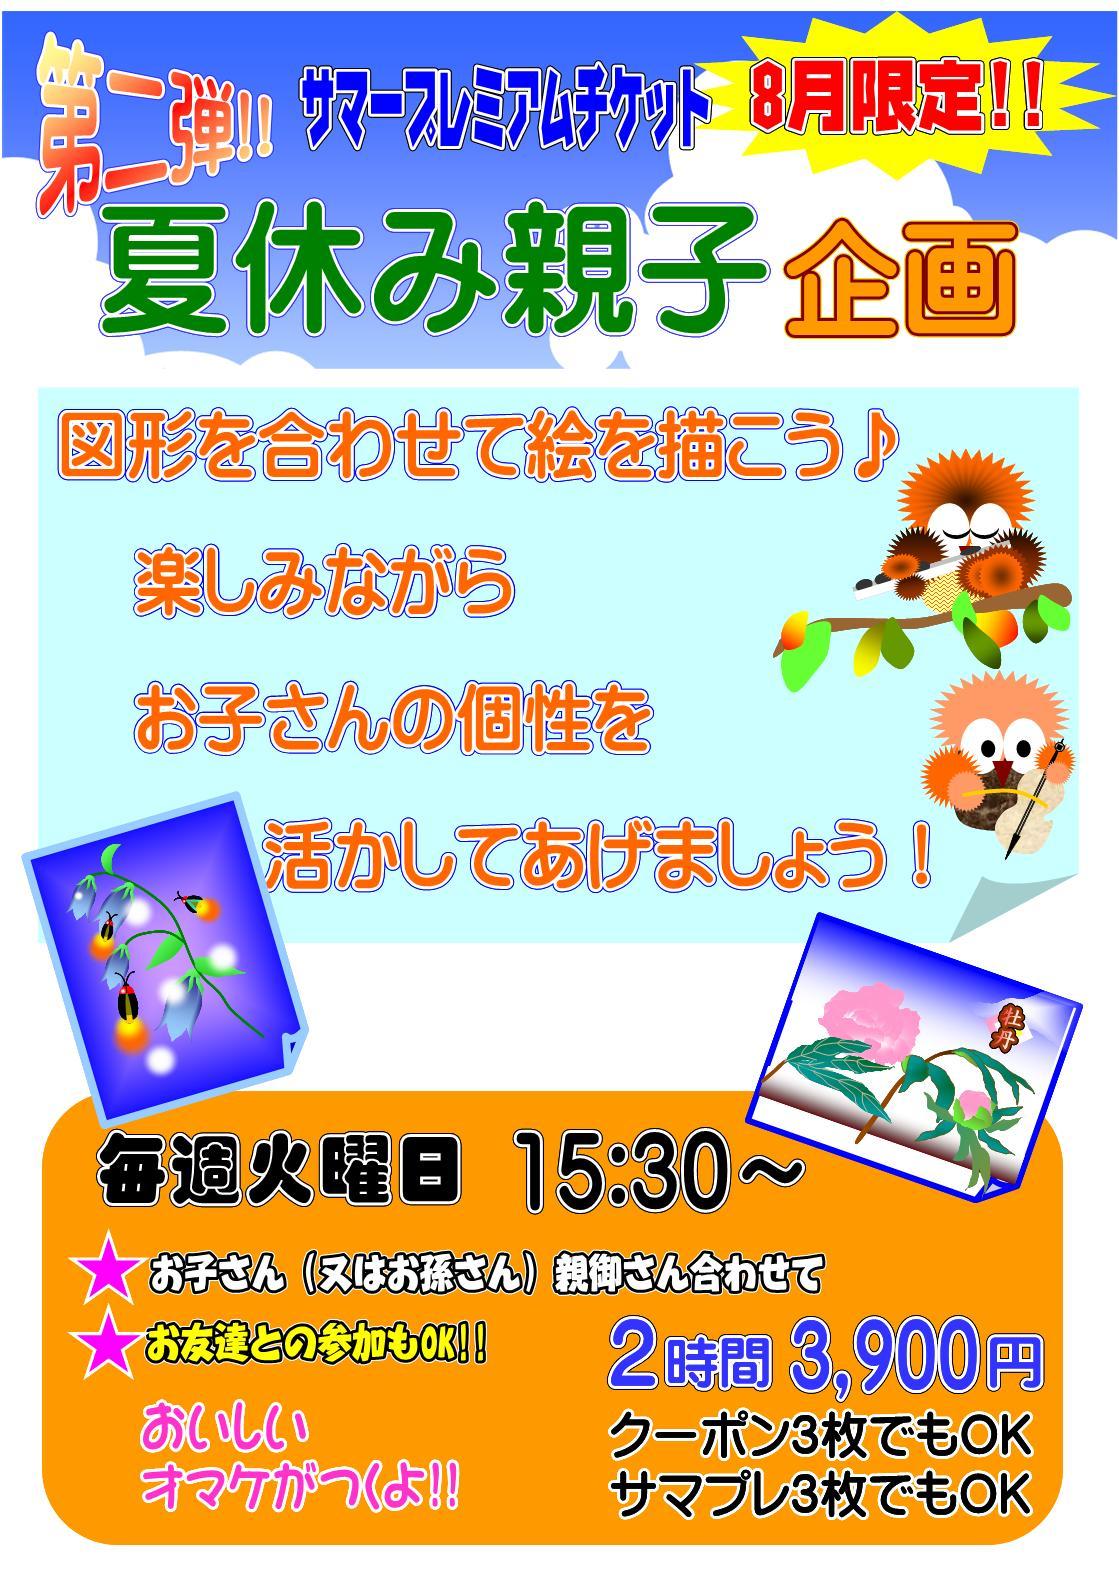 120731komaeoyakoshapeart_2